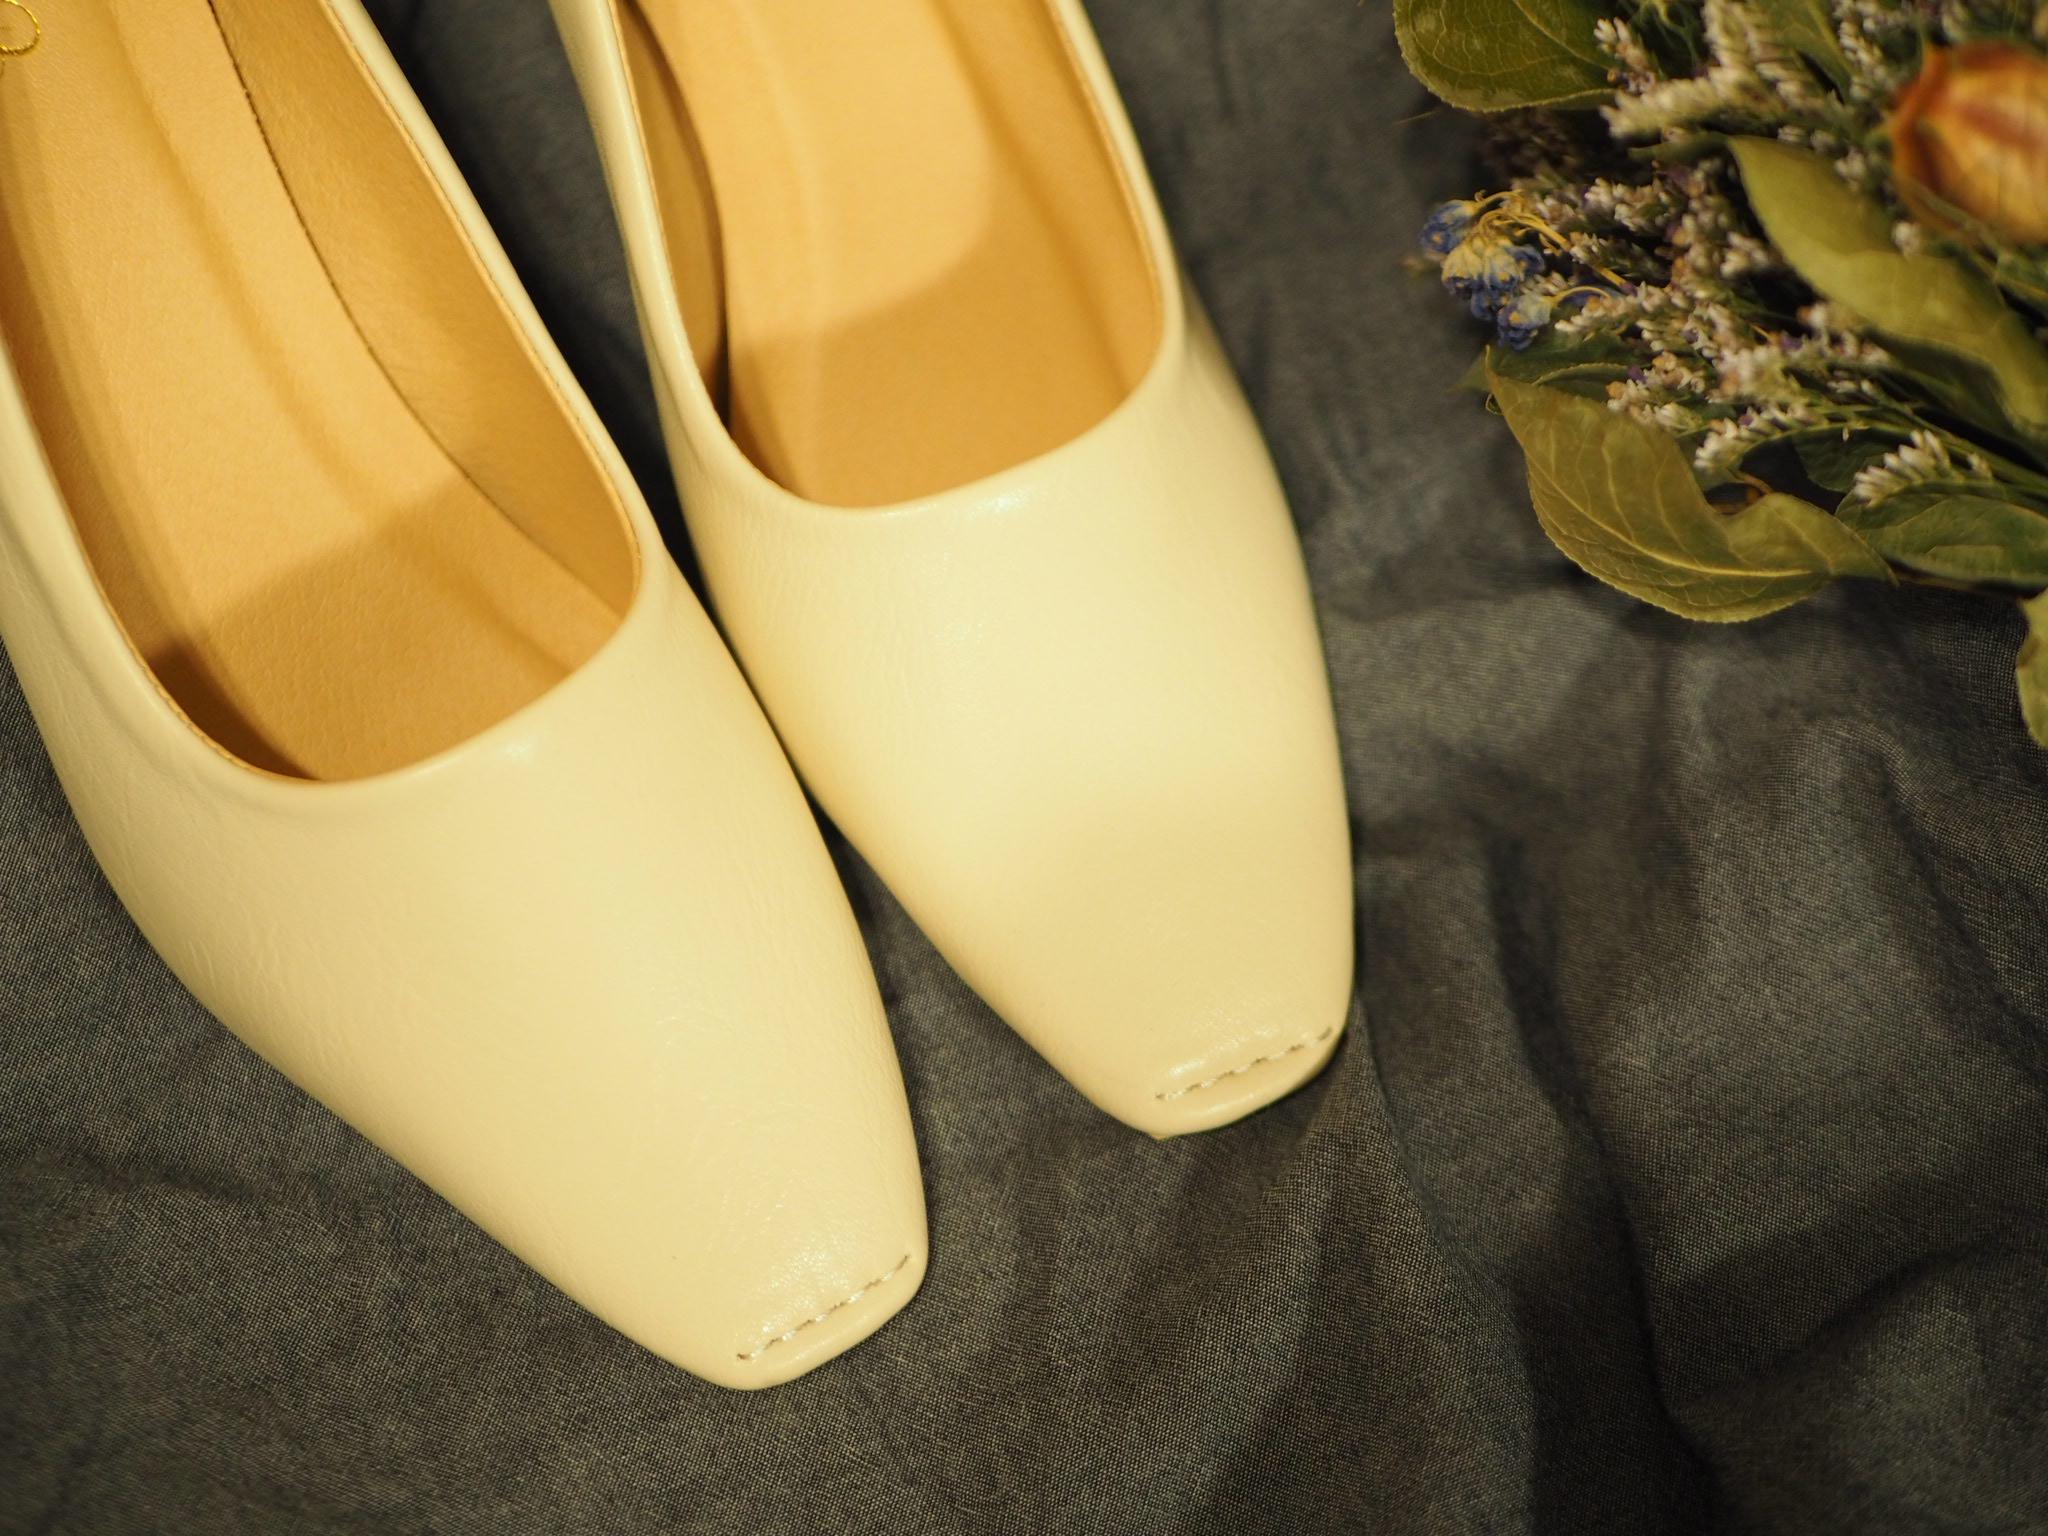 【プチプラ春靴】ホワイトカラーの《スクエアトゥシューズ》❃❃❃_4